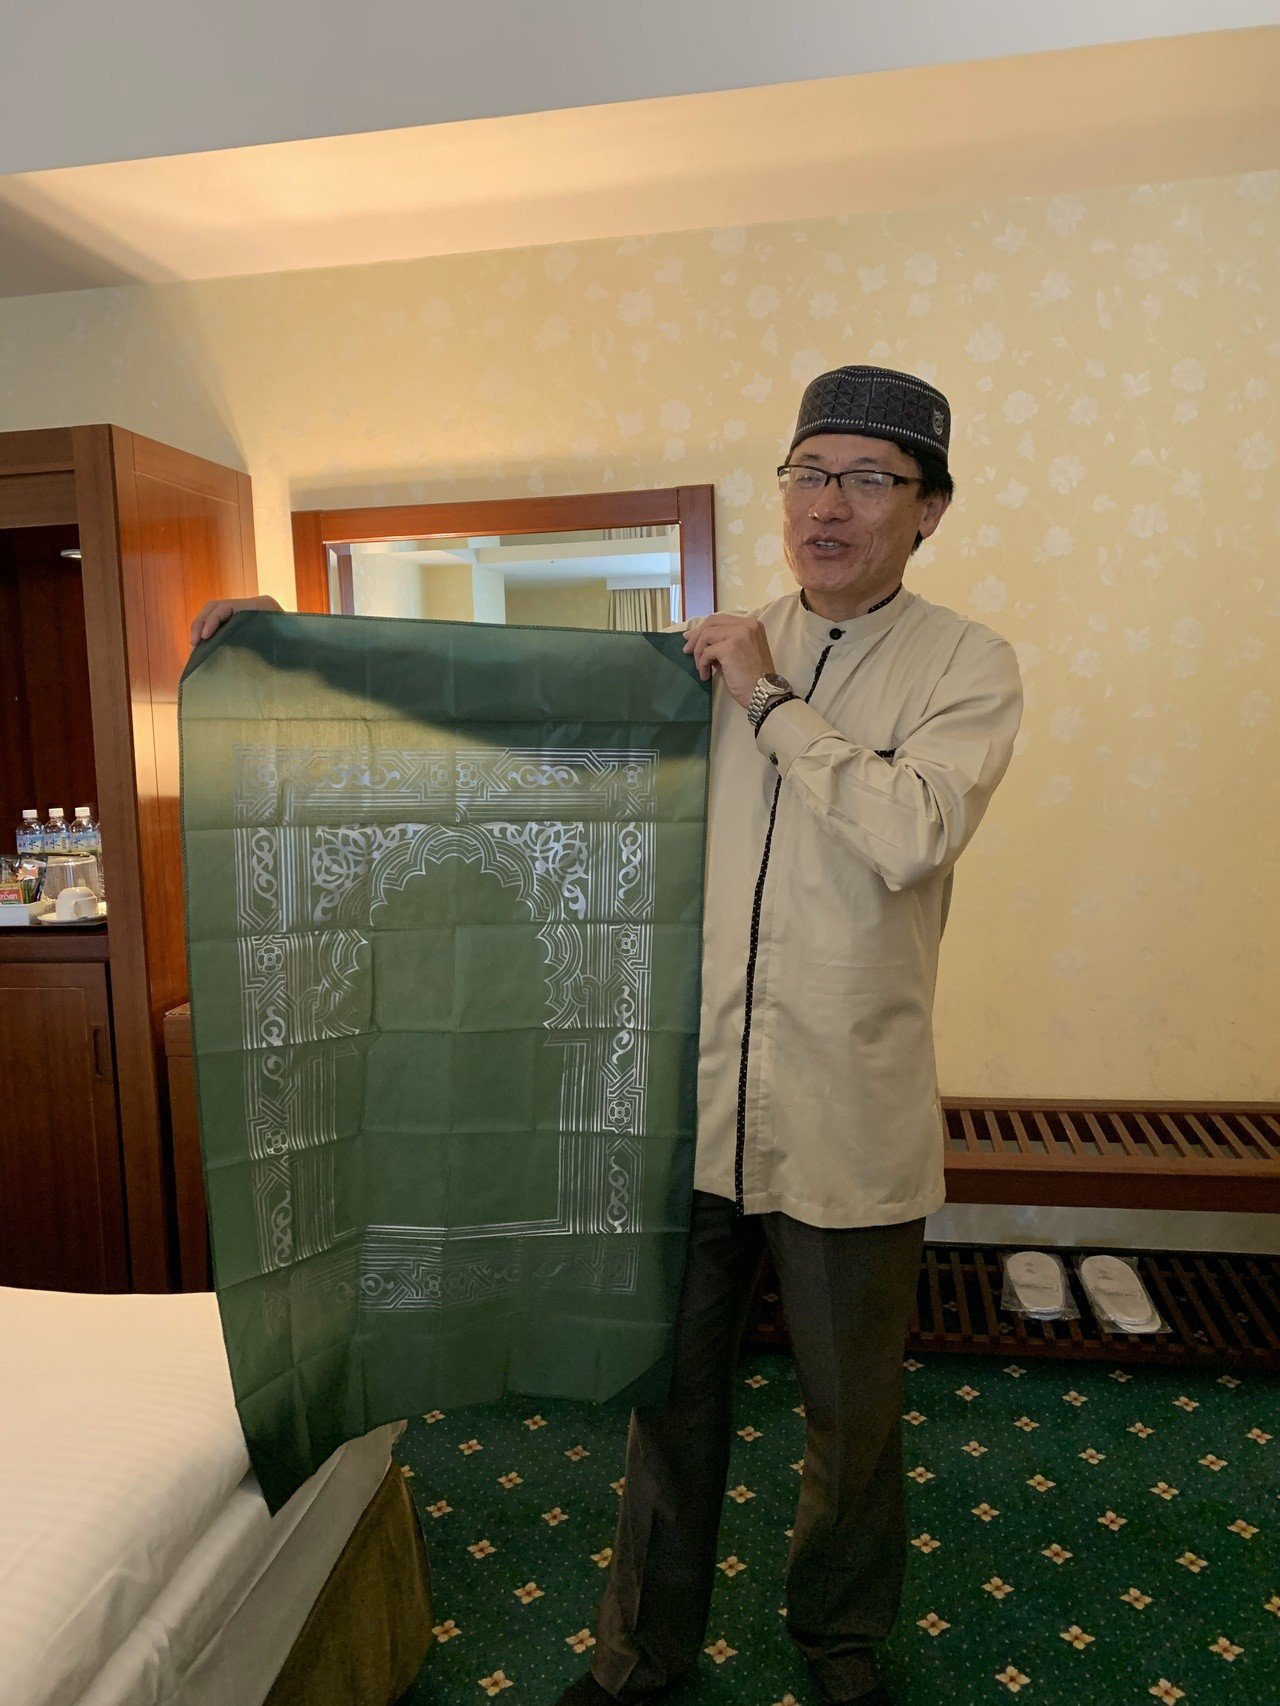 旅館房間有這些貼心服務,穆斯林會覺得友善。記者吳淑玲/攝影